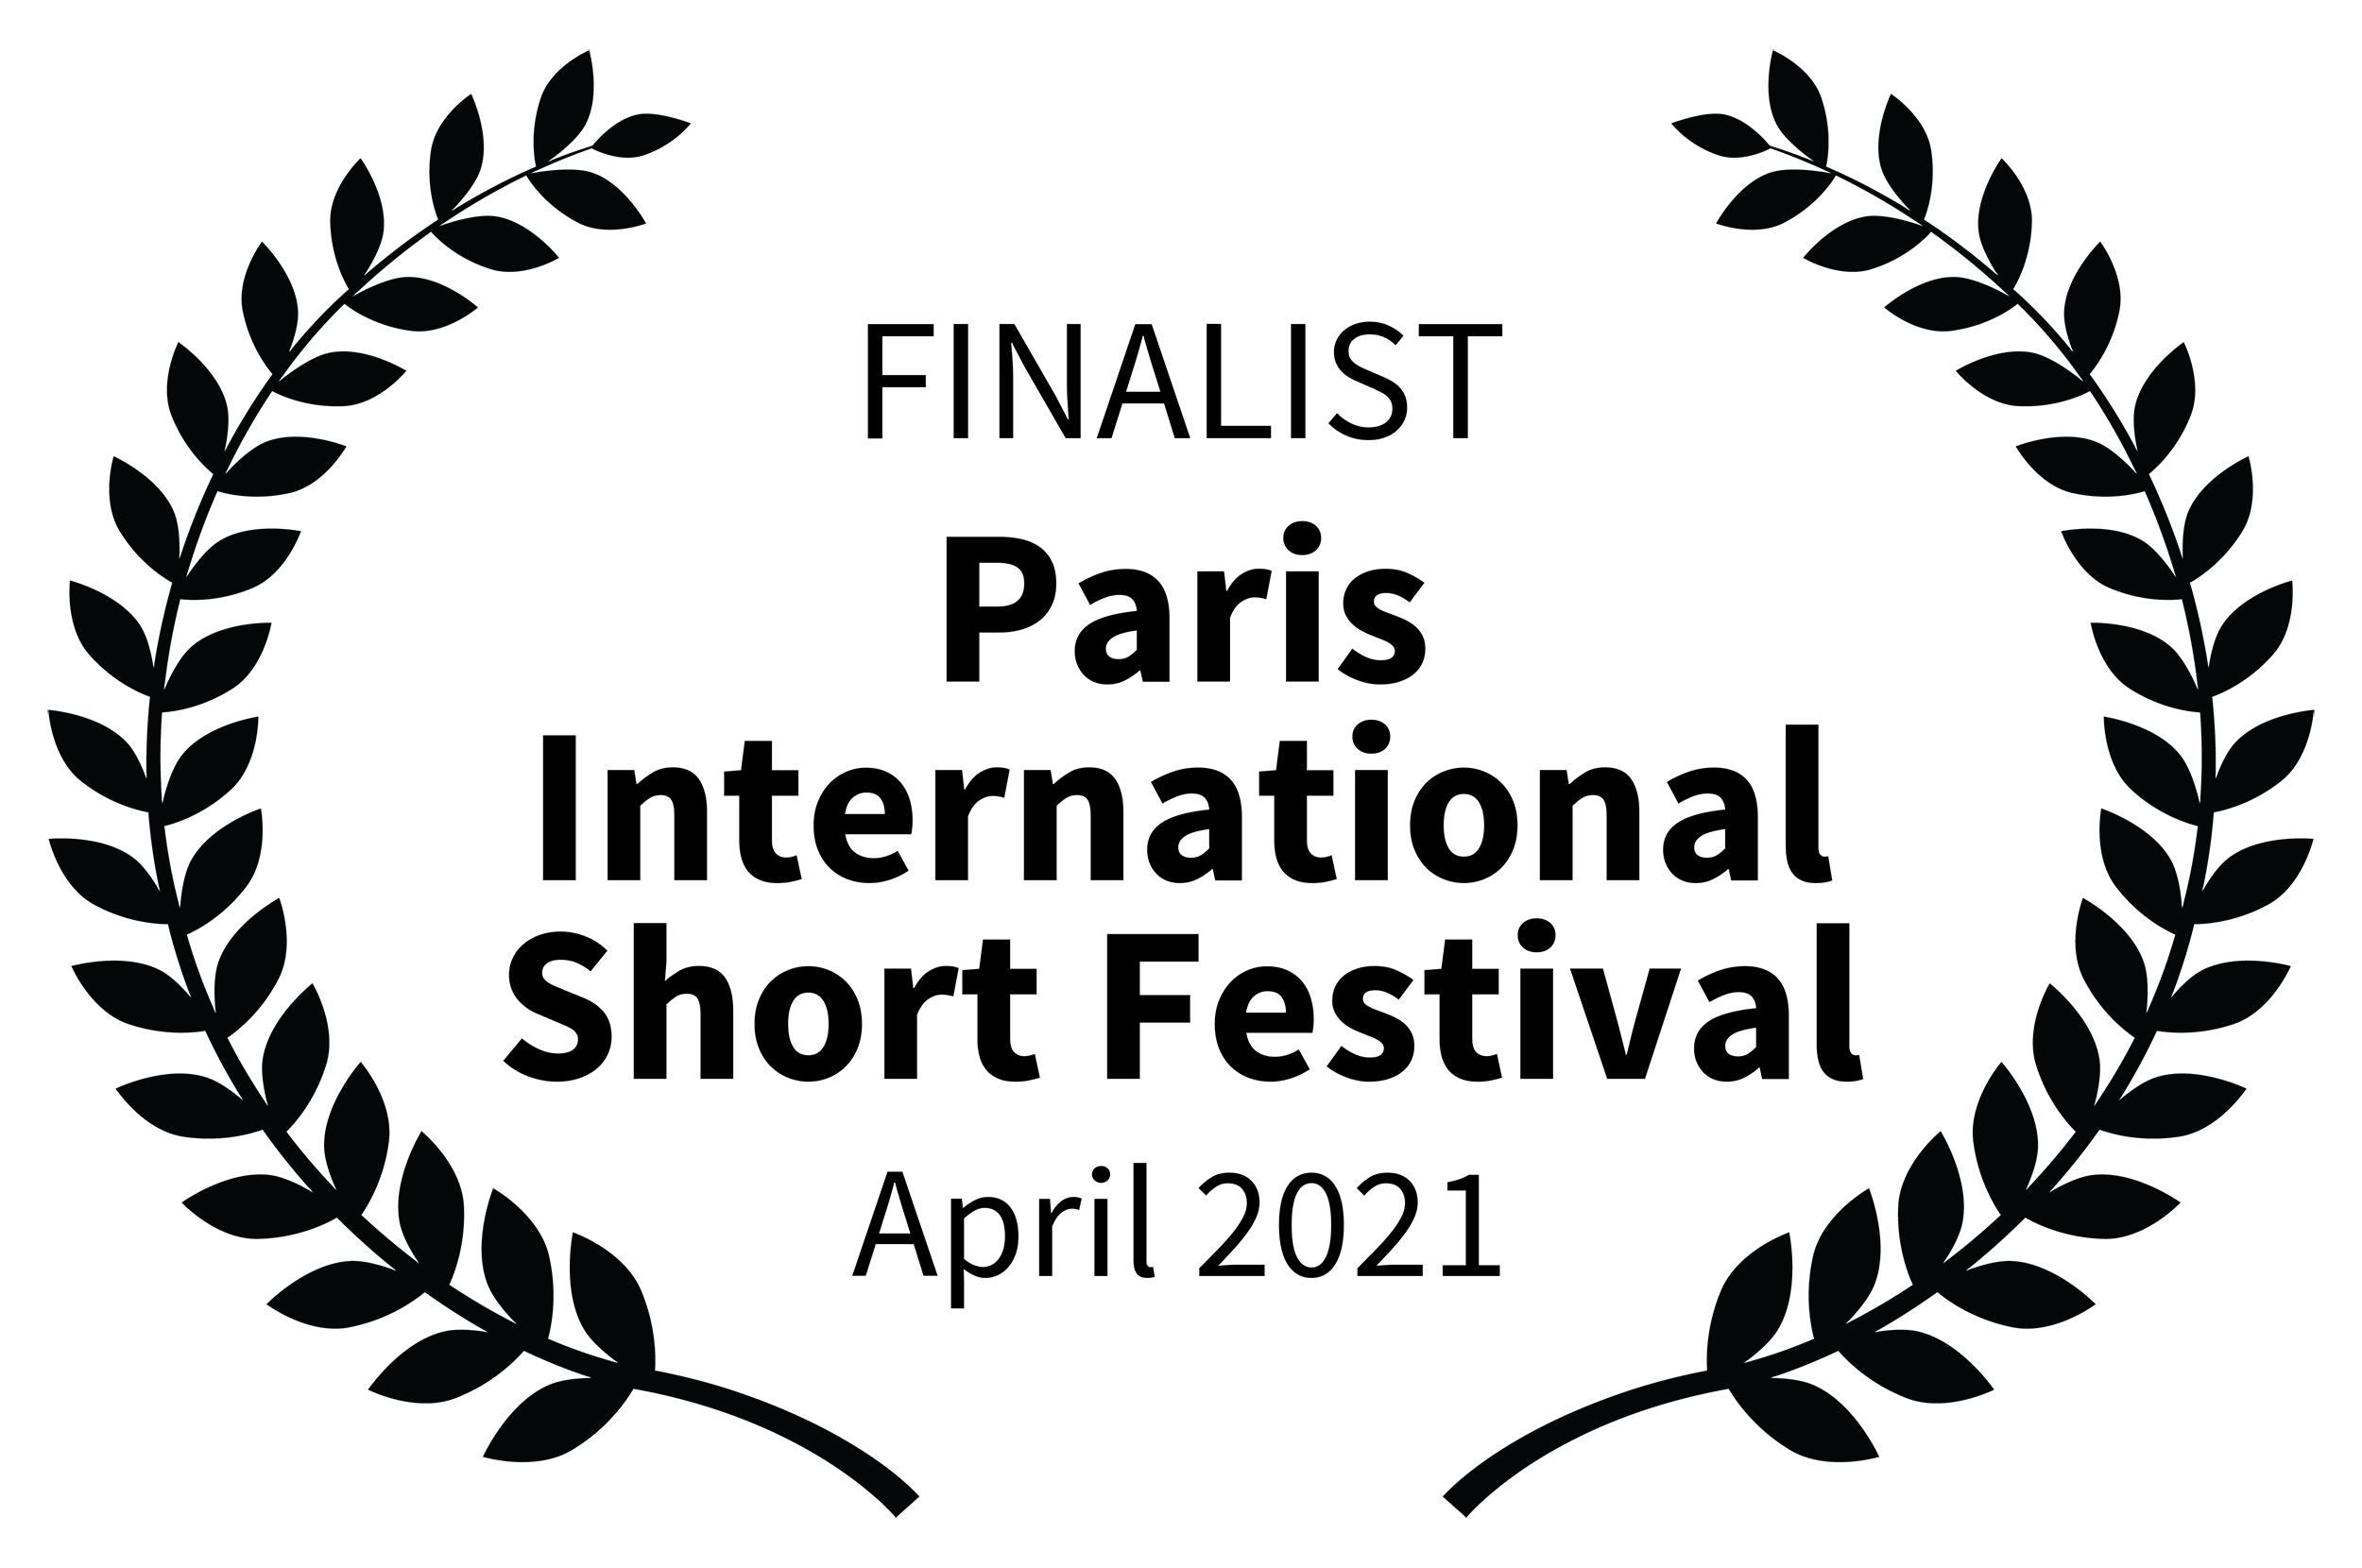 FINALIST-ParisInternationalShortFestival-April2021